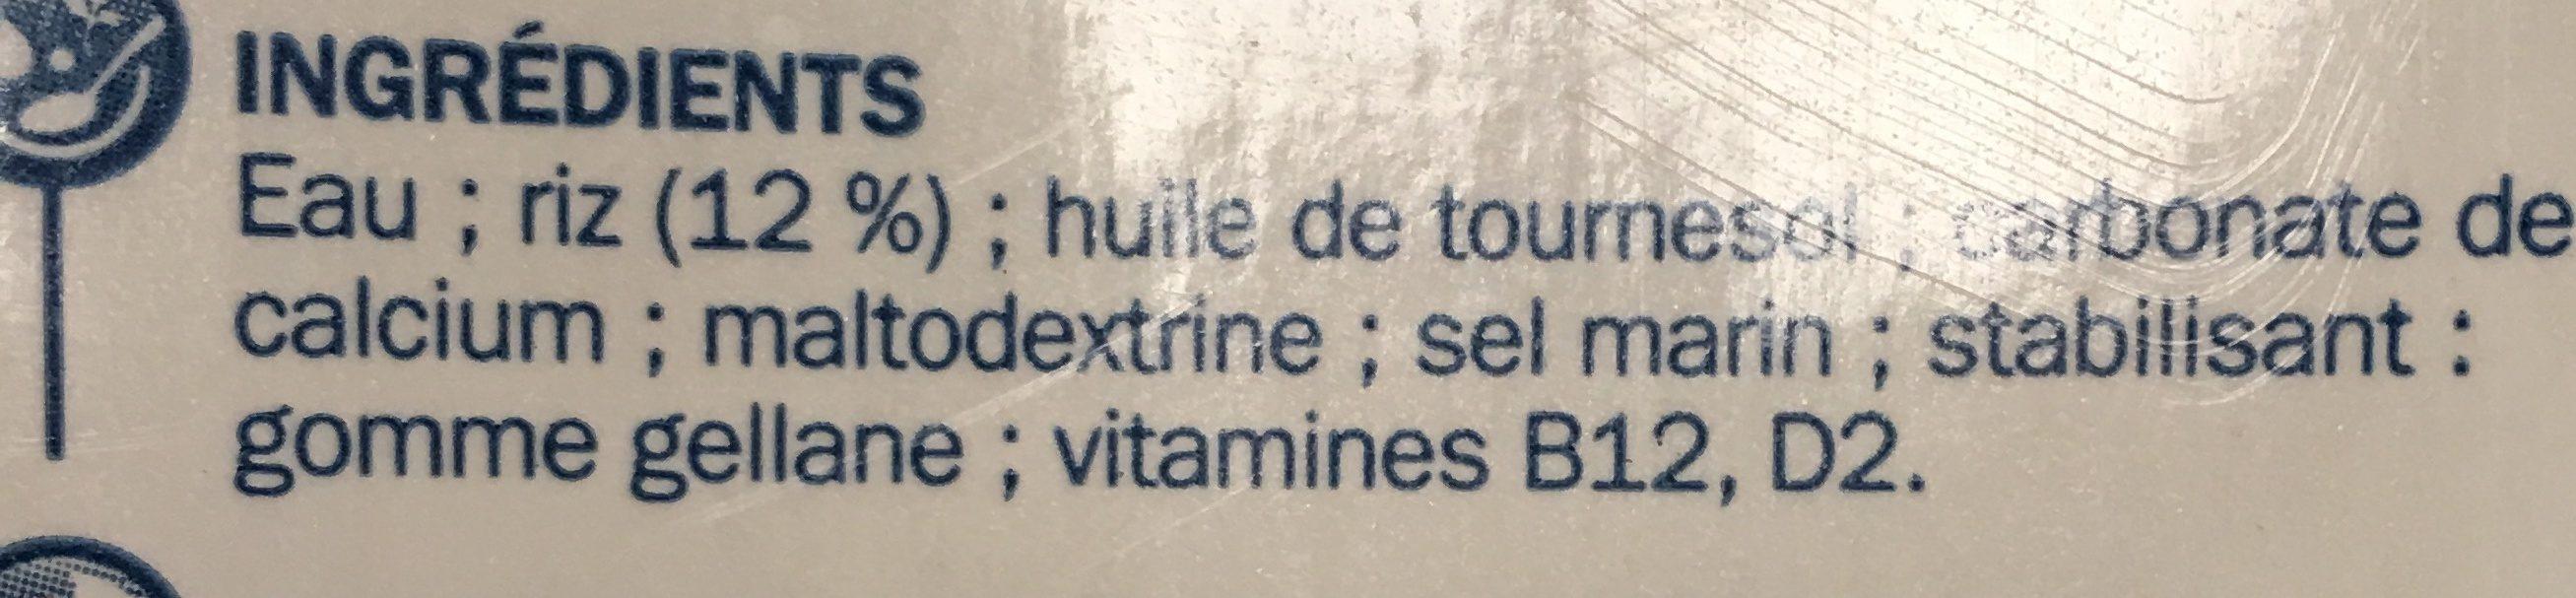 Boisson au riz - Ingrédients - fr